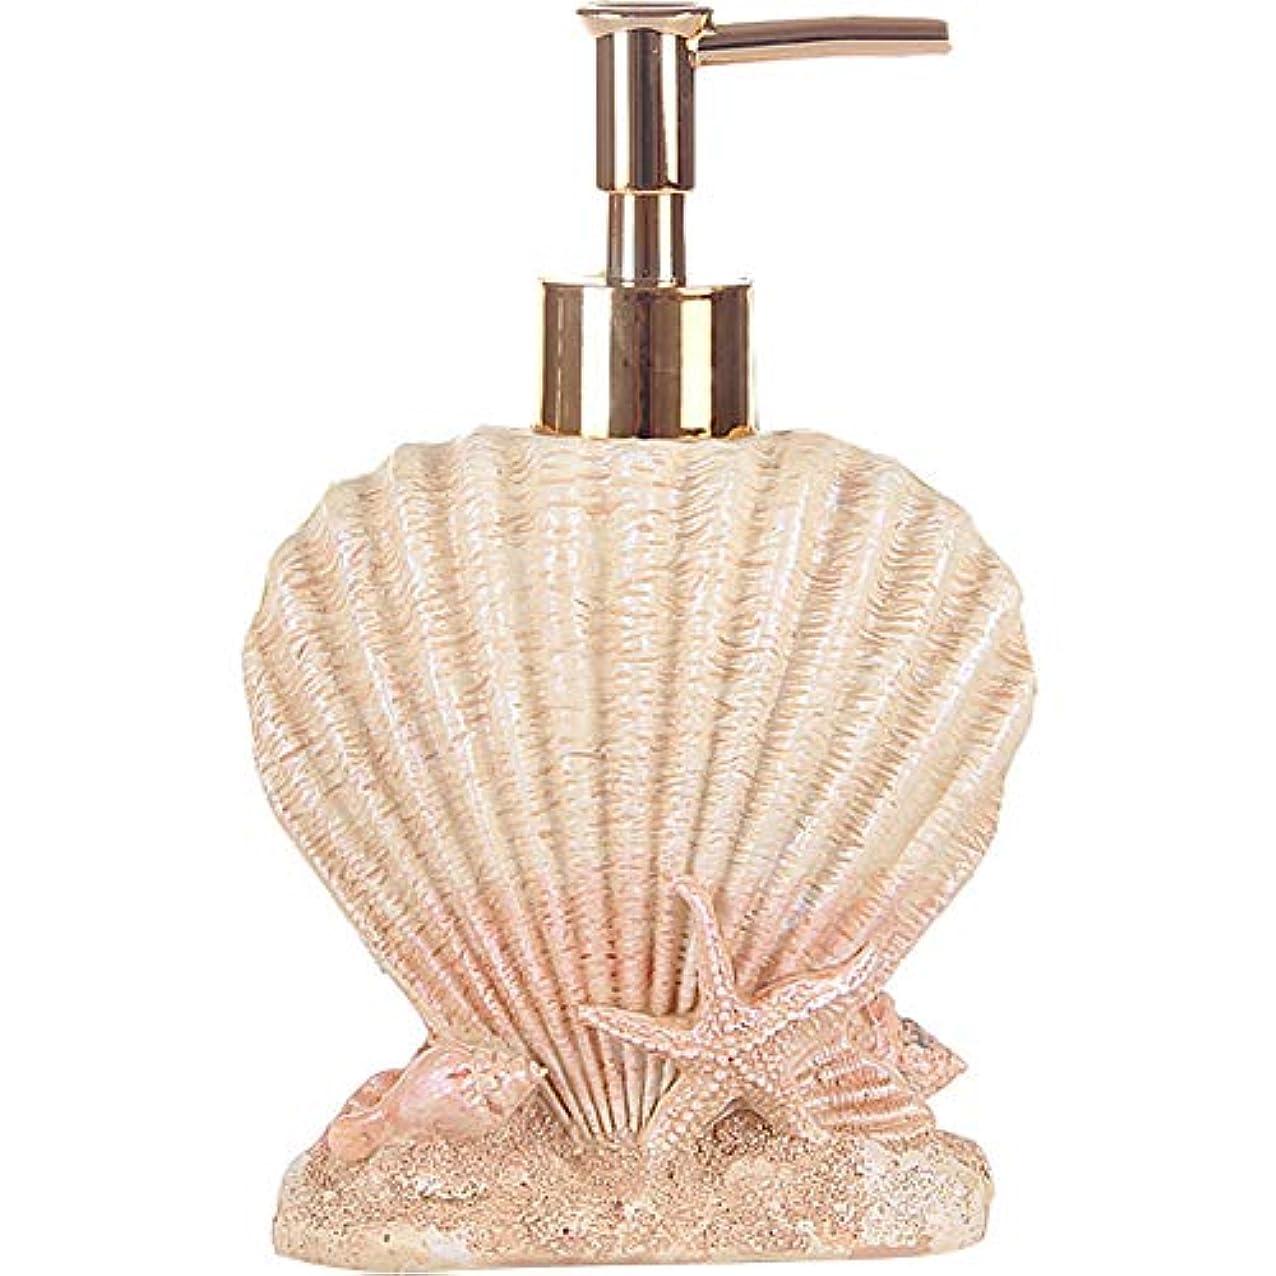 食用隔離する滅多(Shell) - Creative Beach Shells European Style Hand Soap Liquid Bottles Resin Shampoo Dispenser (shell)